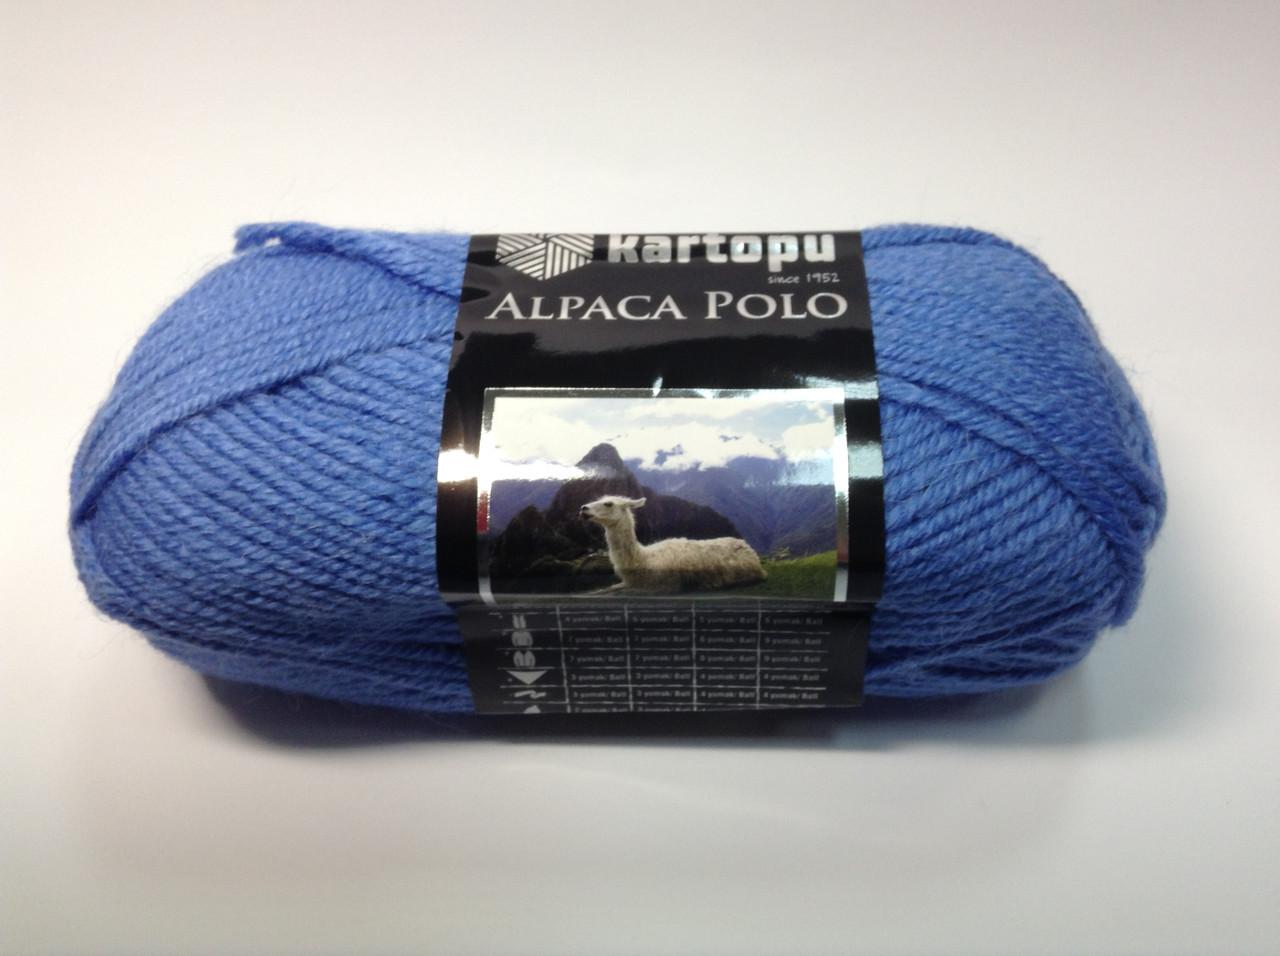 Пряжа alpaca polo - колір синій